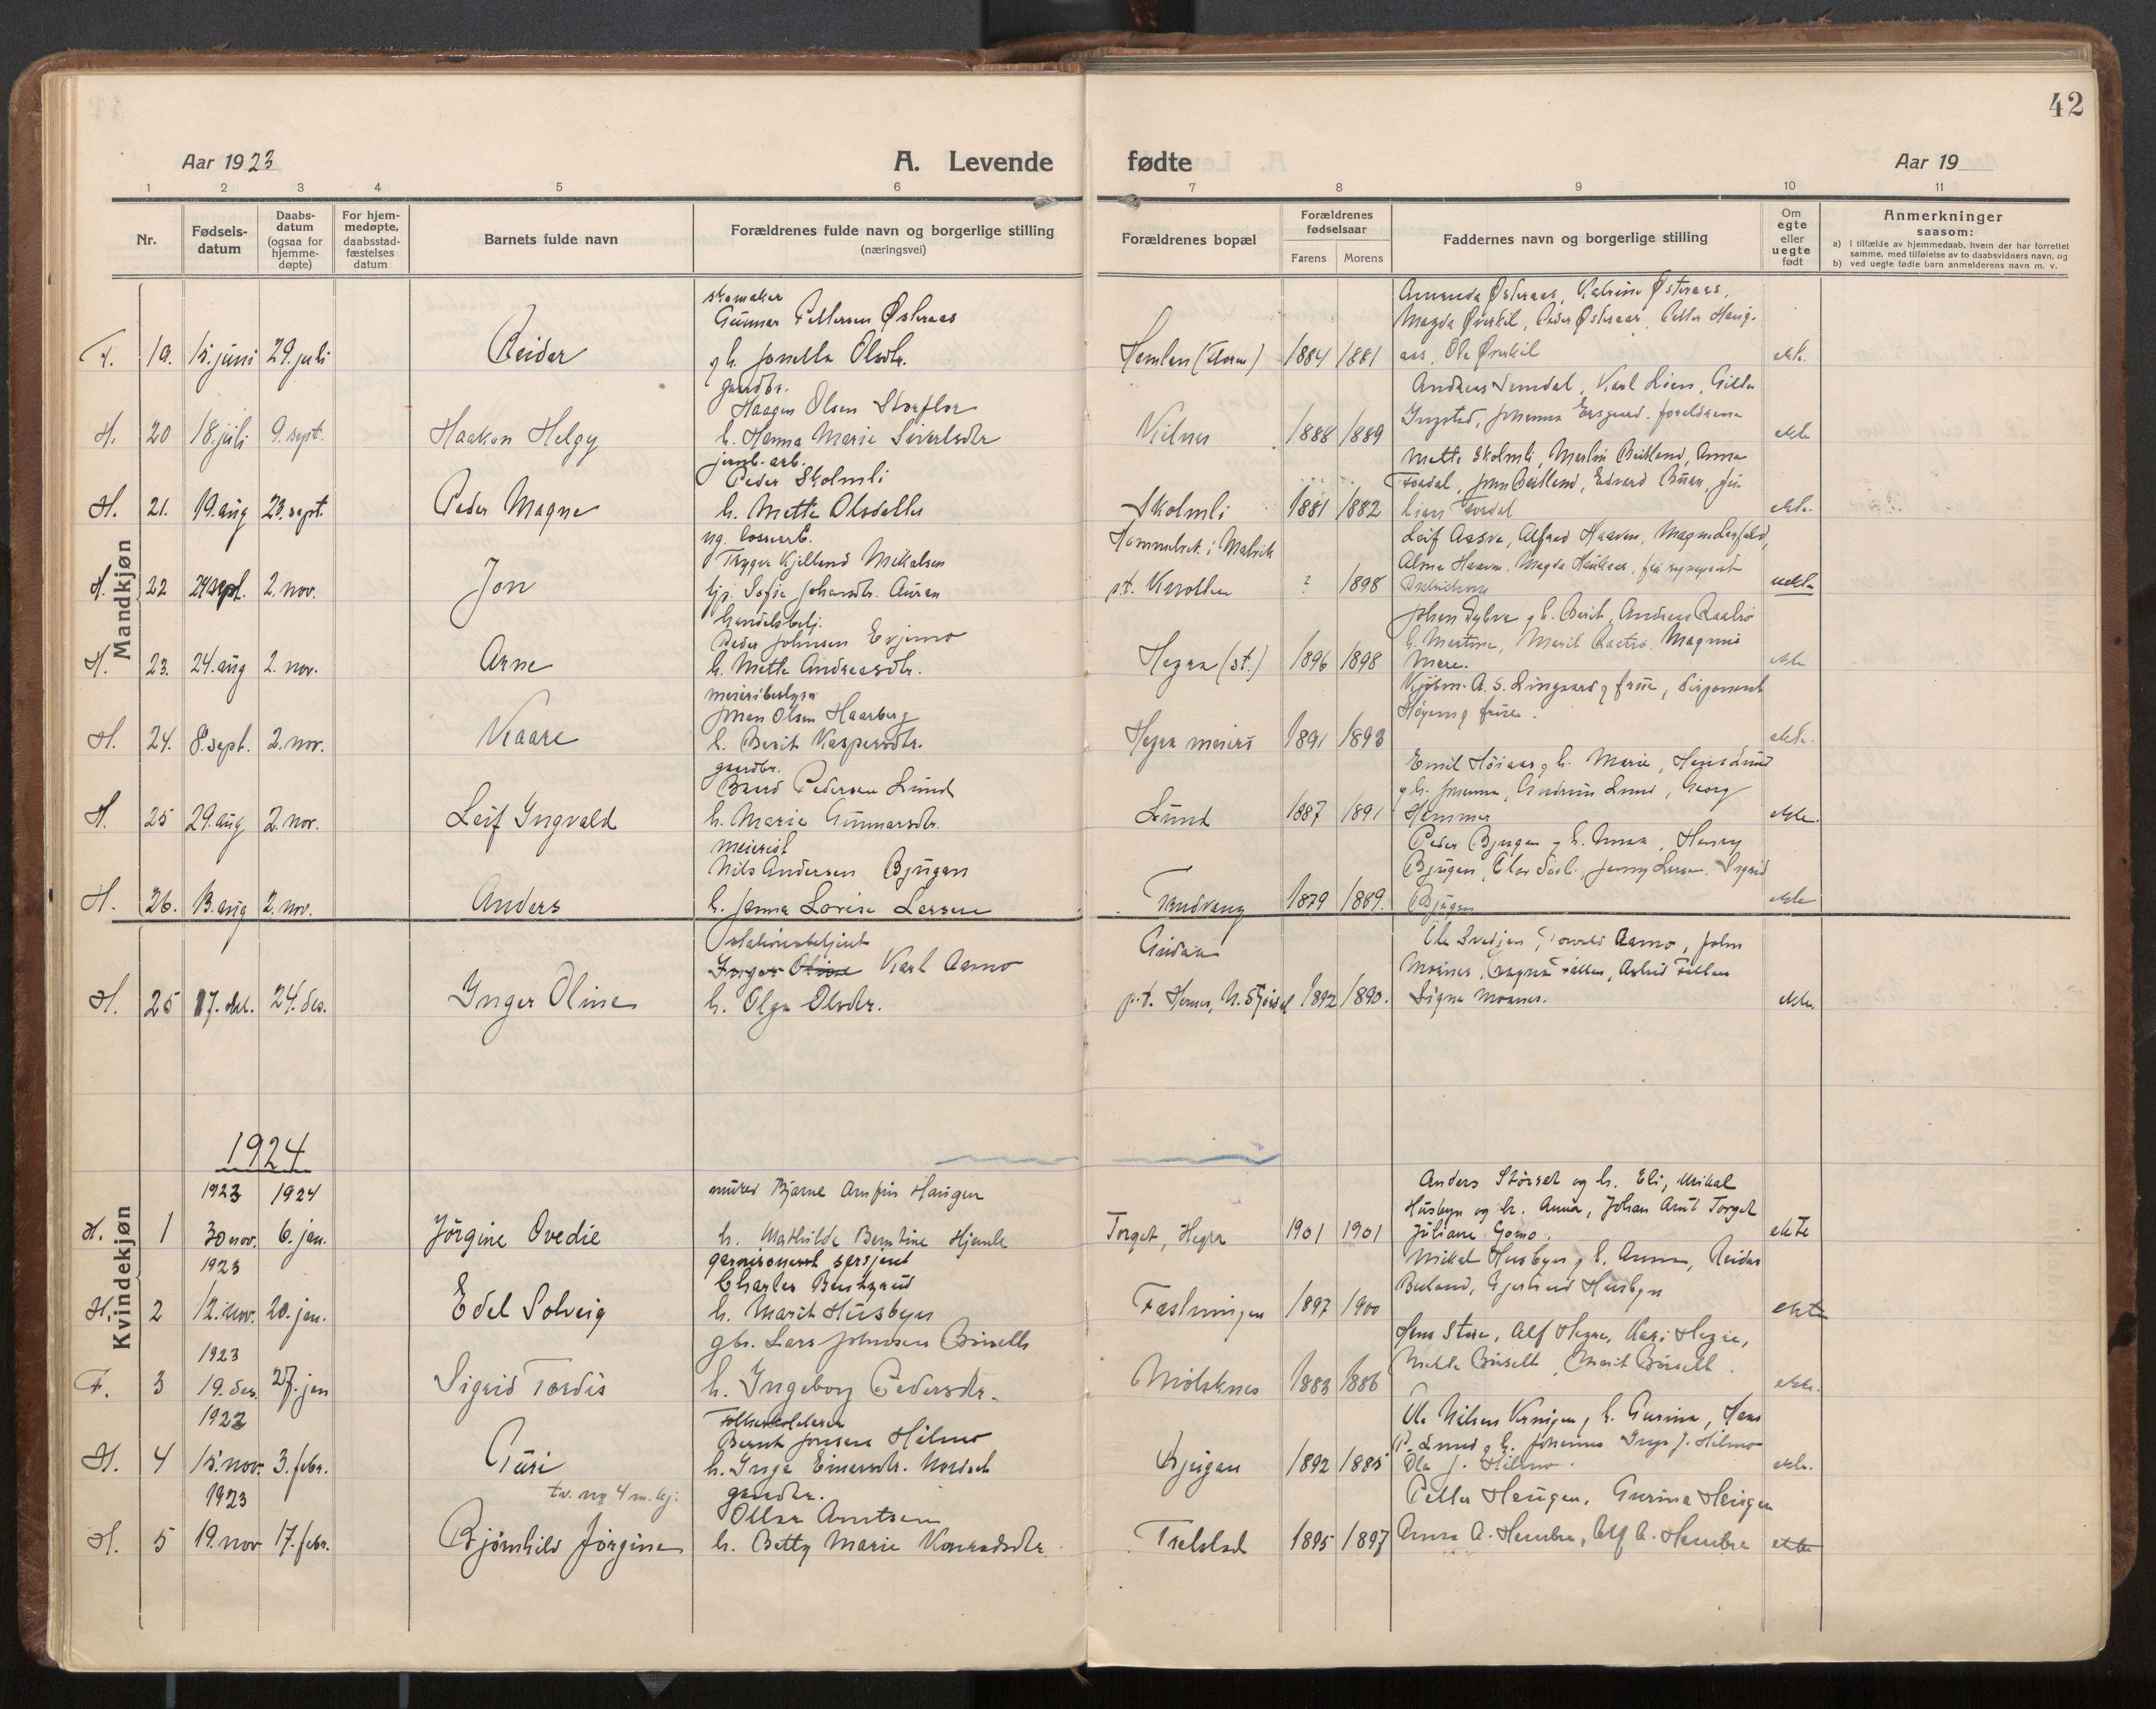 SAT, Ministerialprotokoller, klokkerbøker og fødselsregistre - Nord-Trøndelag, 703/L0037: Parish register (official) no. 703A10, 1915-1932, p. 42